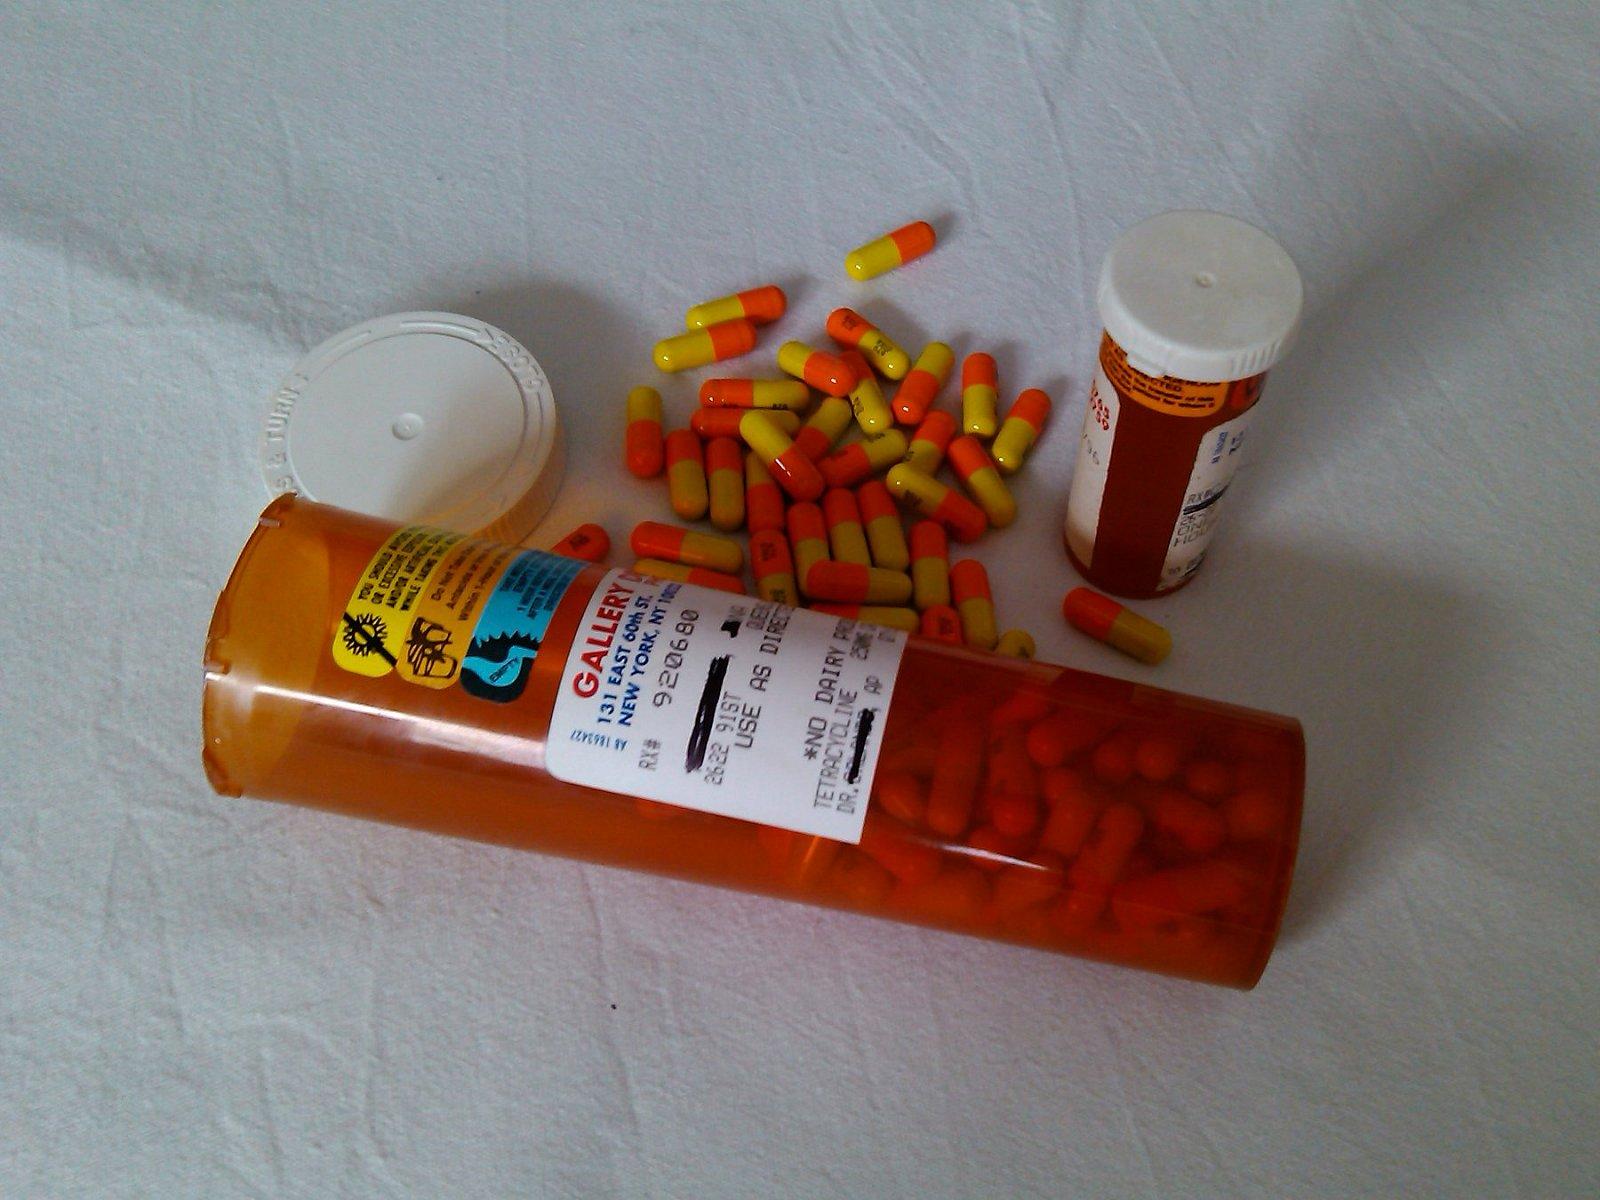 Lékům zůstanou krabičky. Model à la USA neprošel